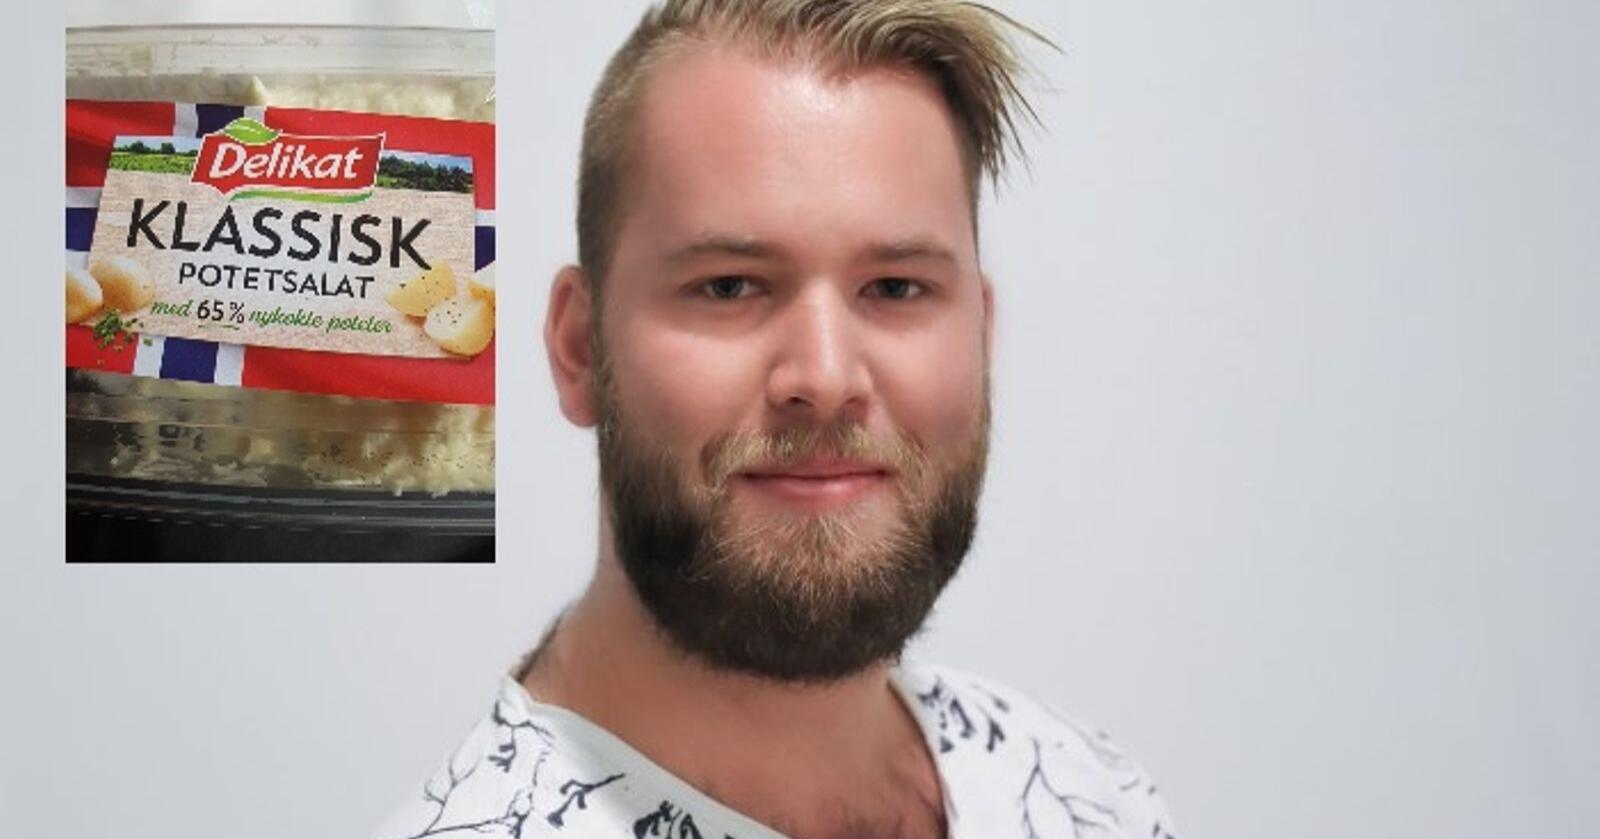 Torleik Svelle i Senterungdommen meiner det må bli enklare for forbrukarar å velge norske matvarer. Foto: Senterungdommen